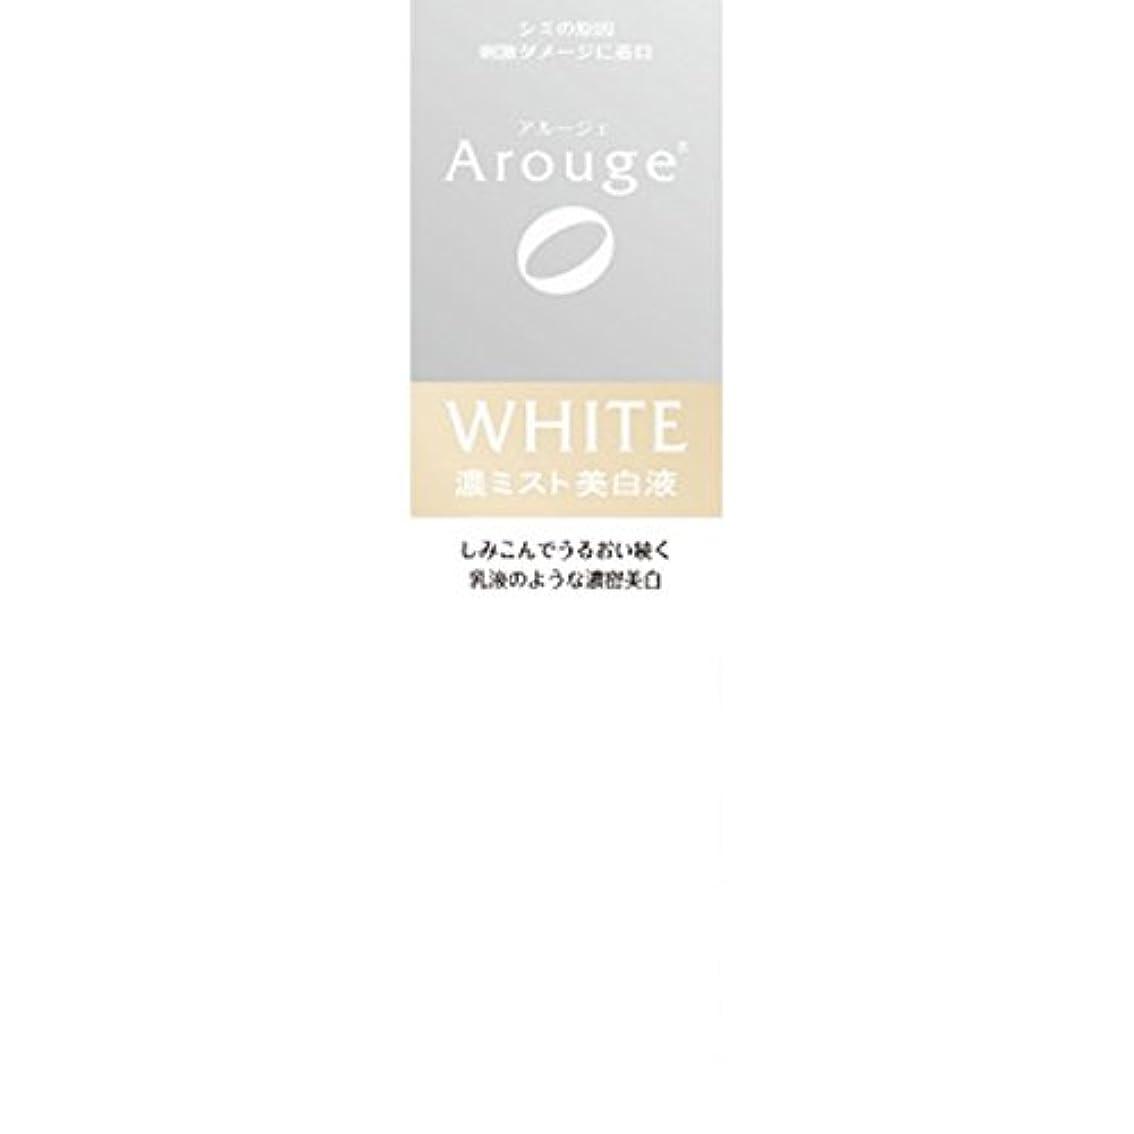 寄生虫マイクロフォン乏しい【医薬部外品】アルージェホワイトニングミストセラム 100ML【2個セット】